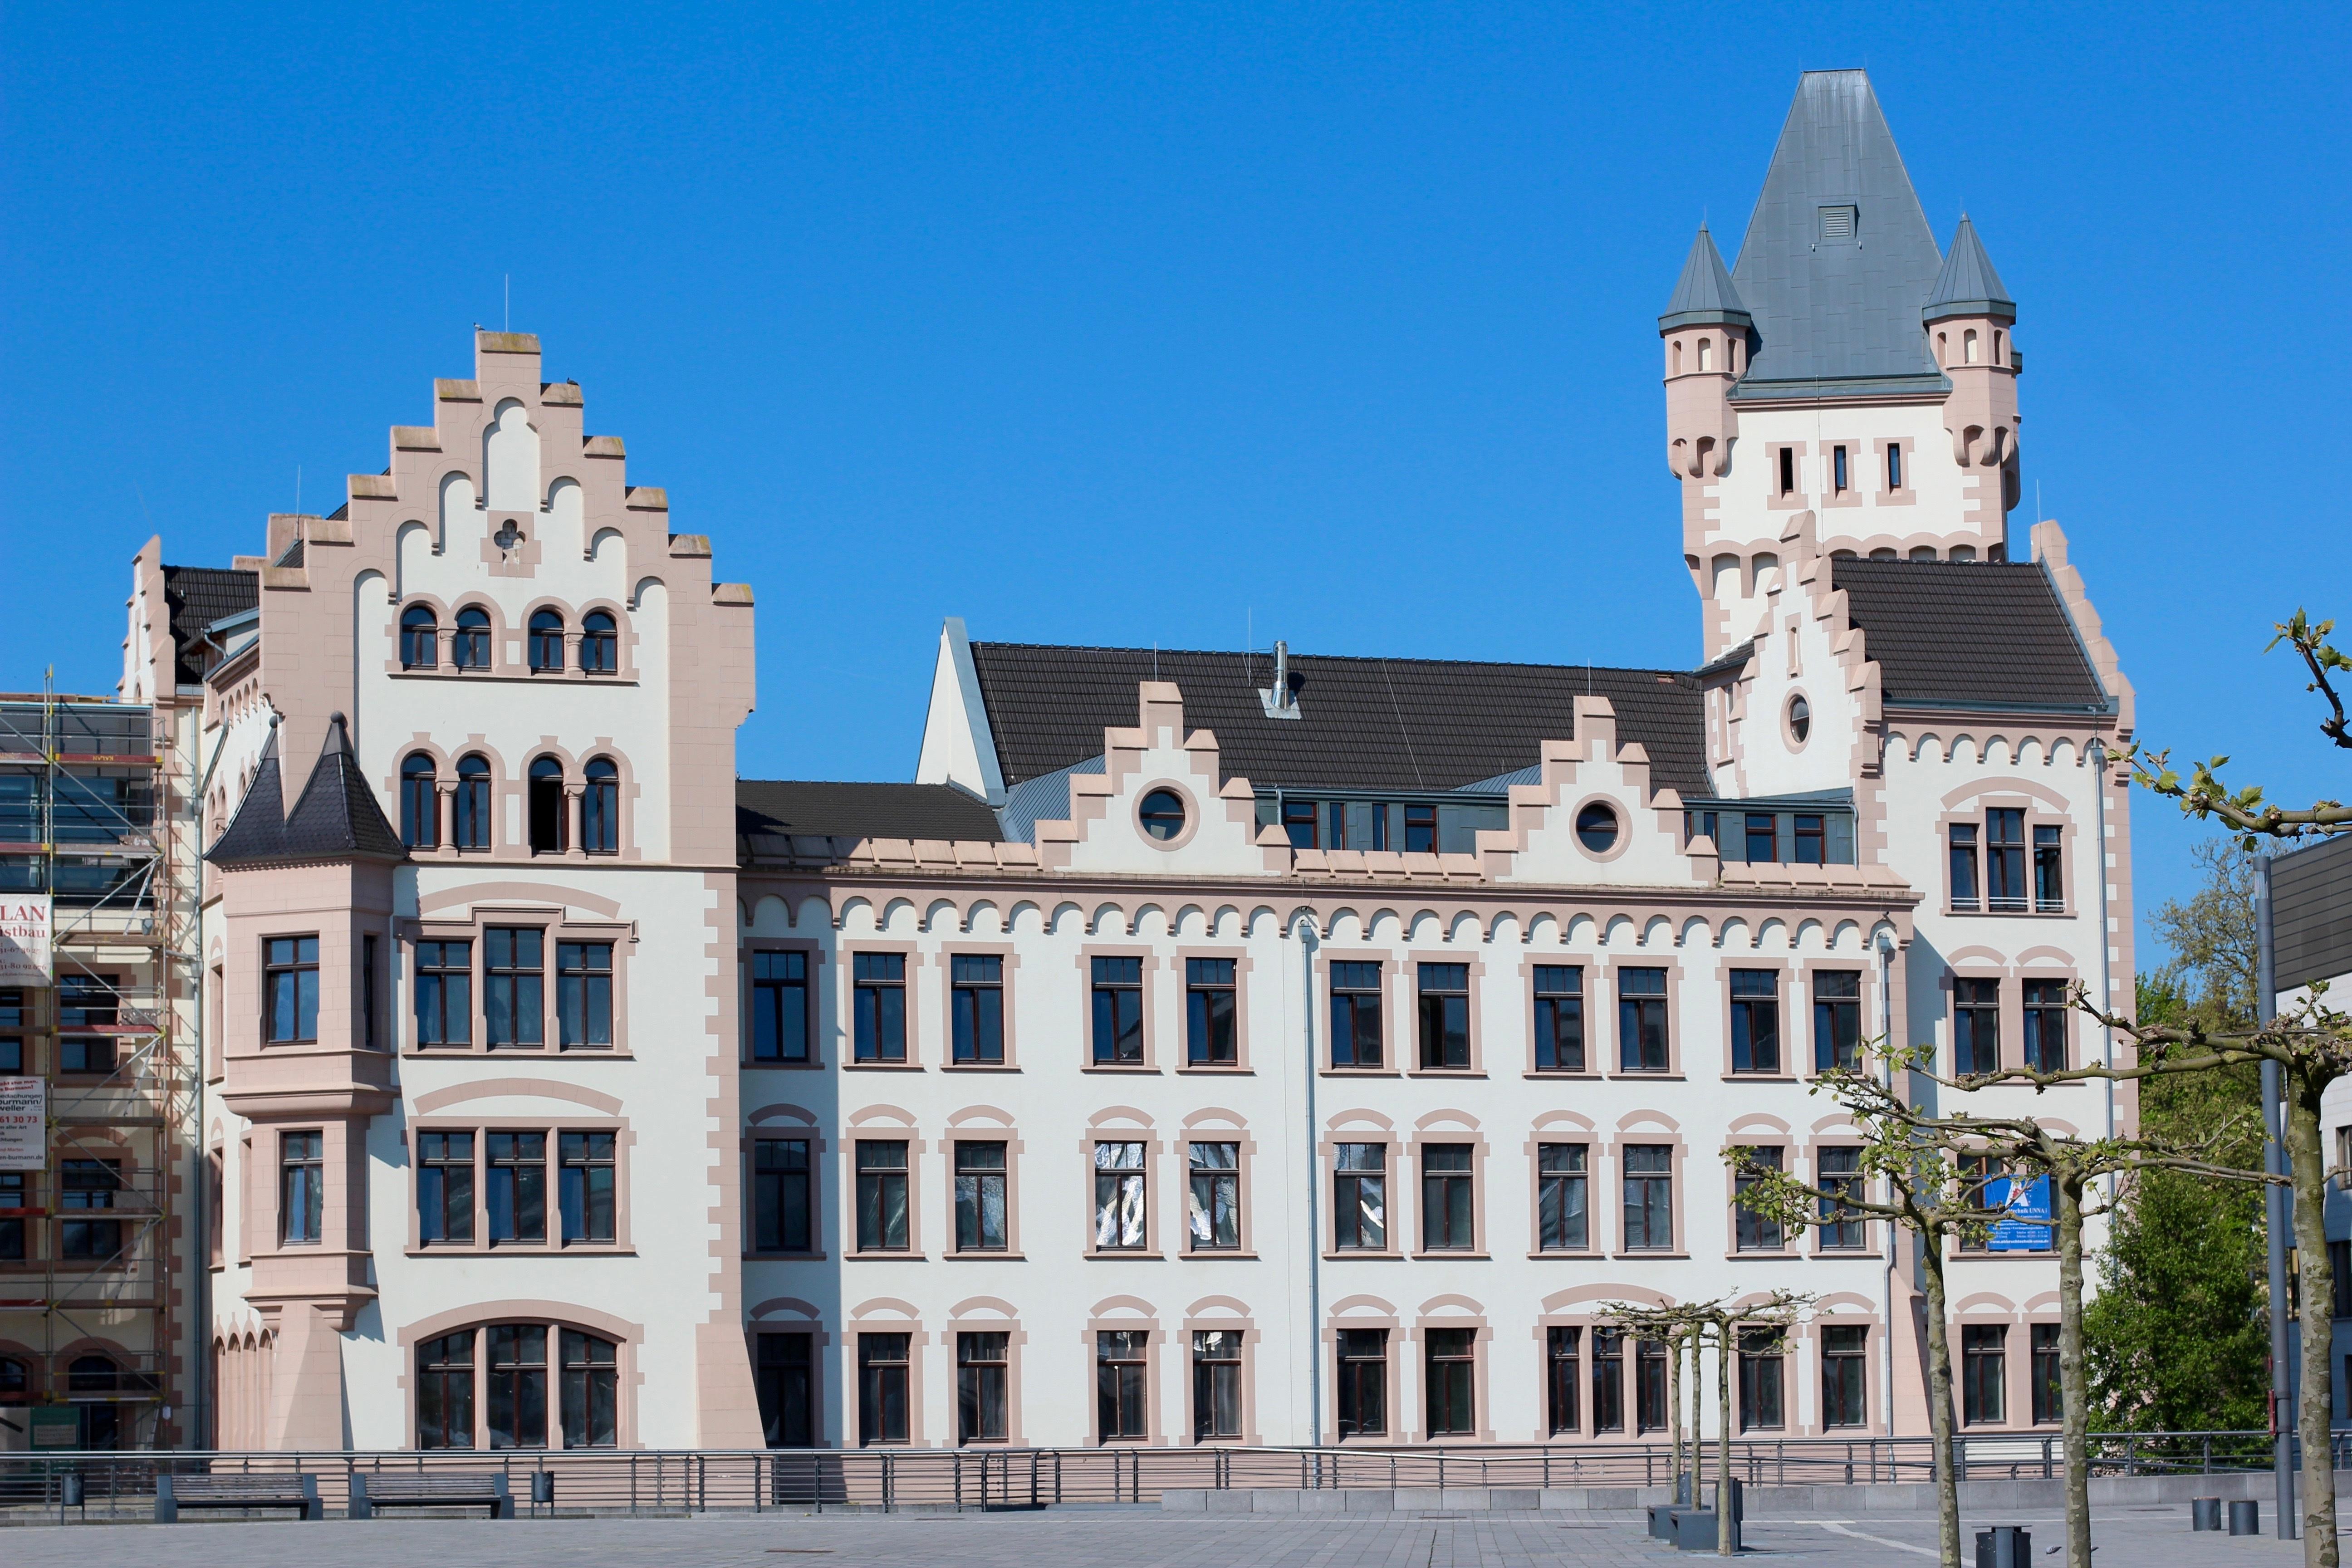 Architektur Dortmund kostenlose foto die architektur villa stadt gebäude chateau